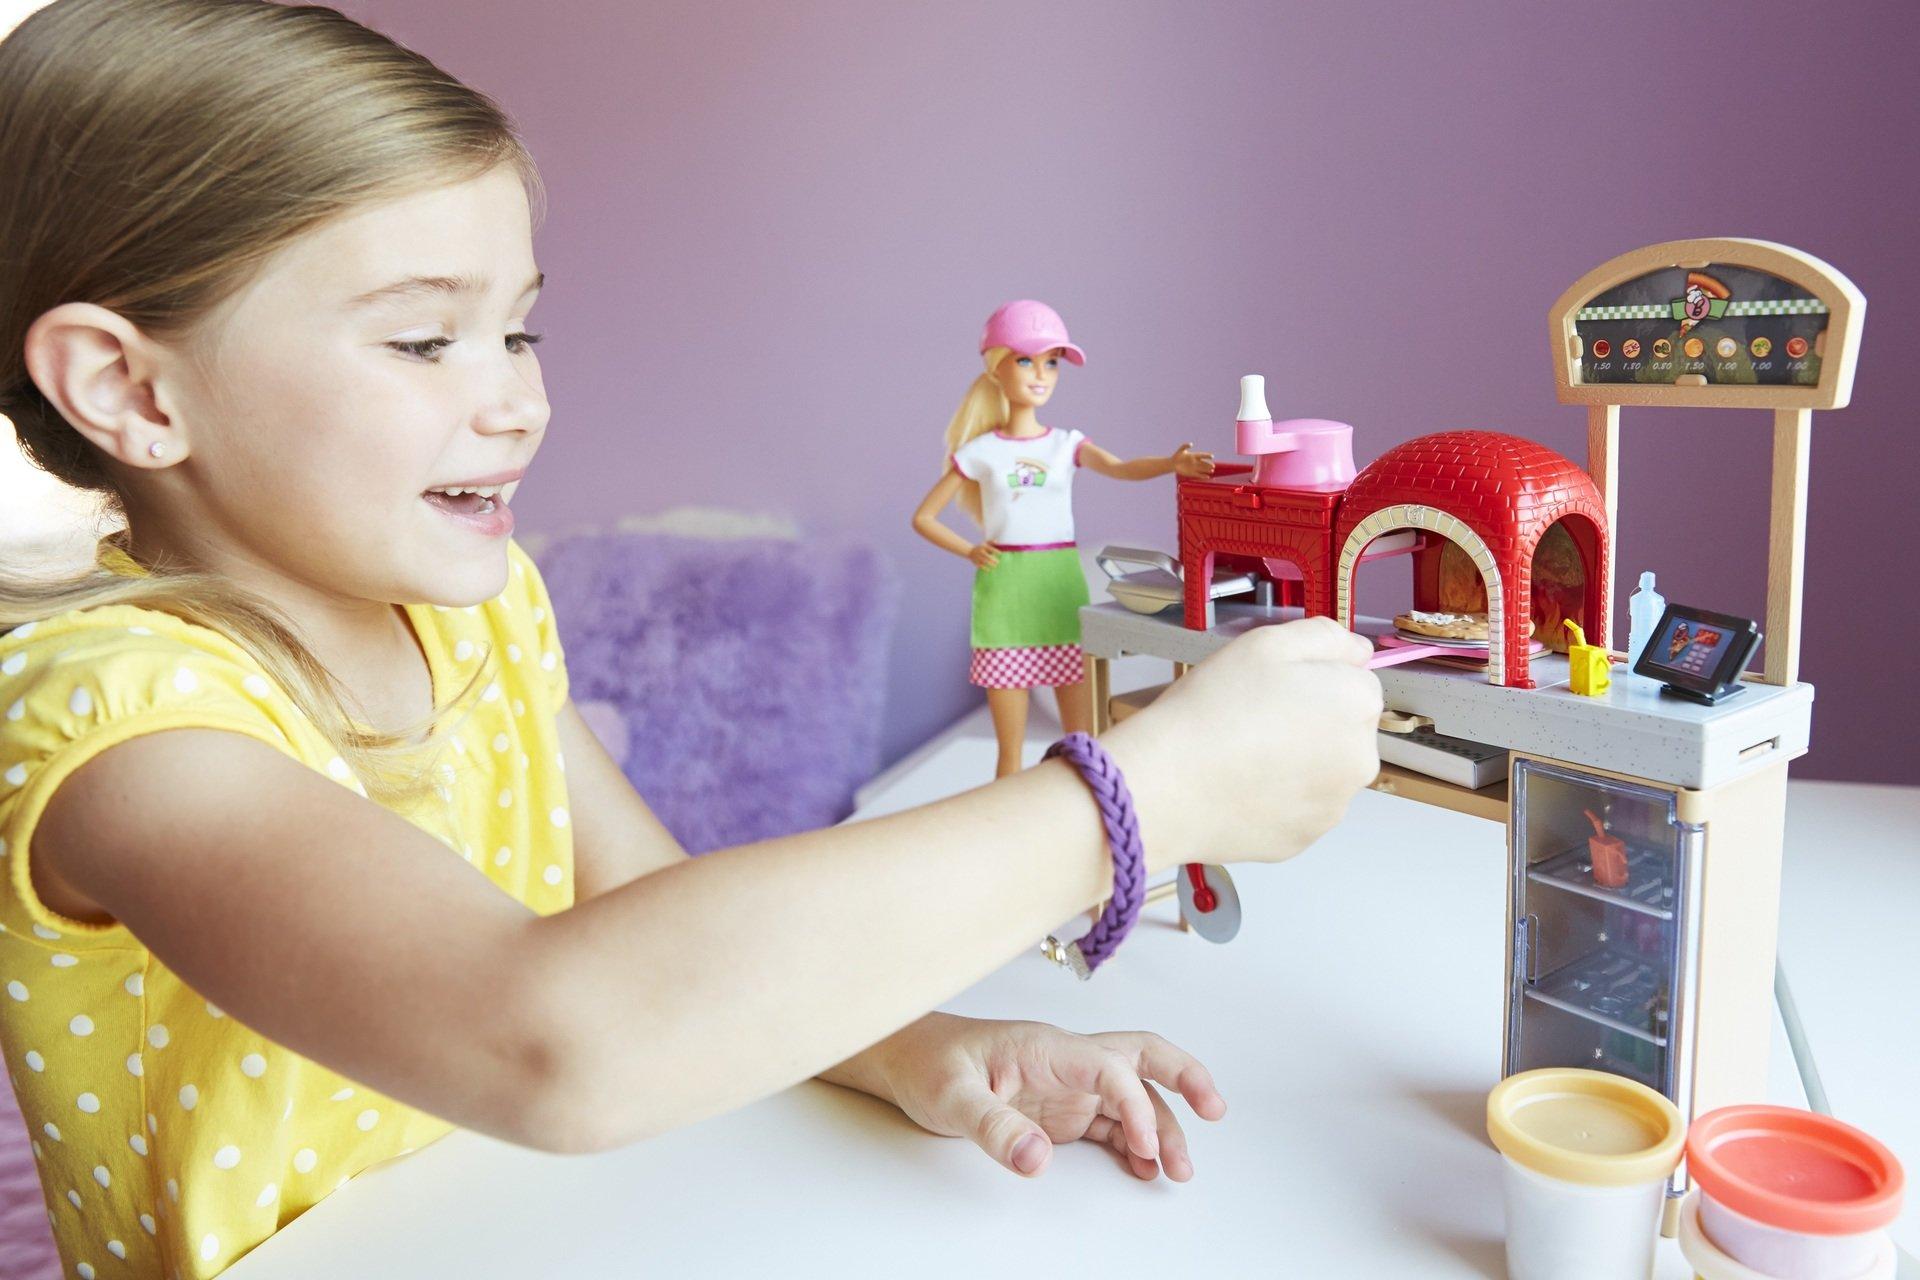 Zaangażowanie dzieci, czyli przepis  na wspólne działanie i zabawę nie tylko od święta